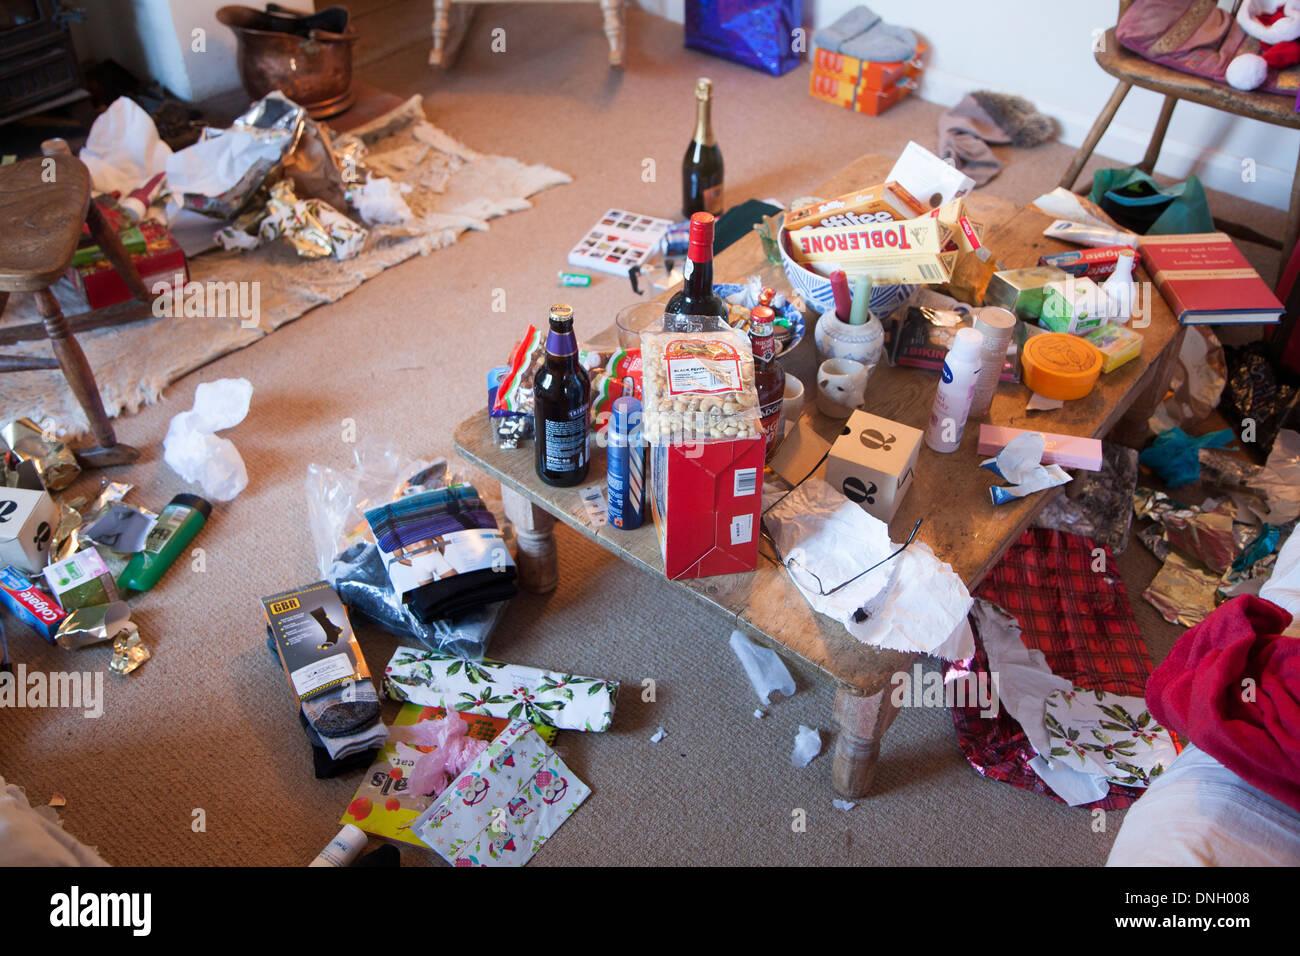 Lío de regalos de Navidad y papel de embalaje esparcidos alrededor de una casa, REINO UNIDO Imagen De Stock